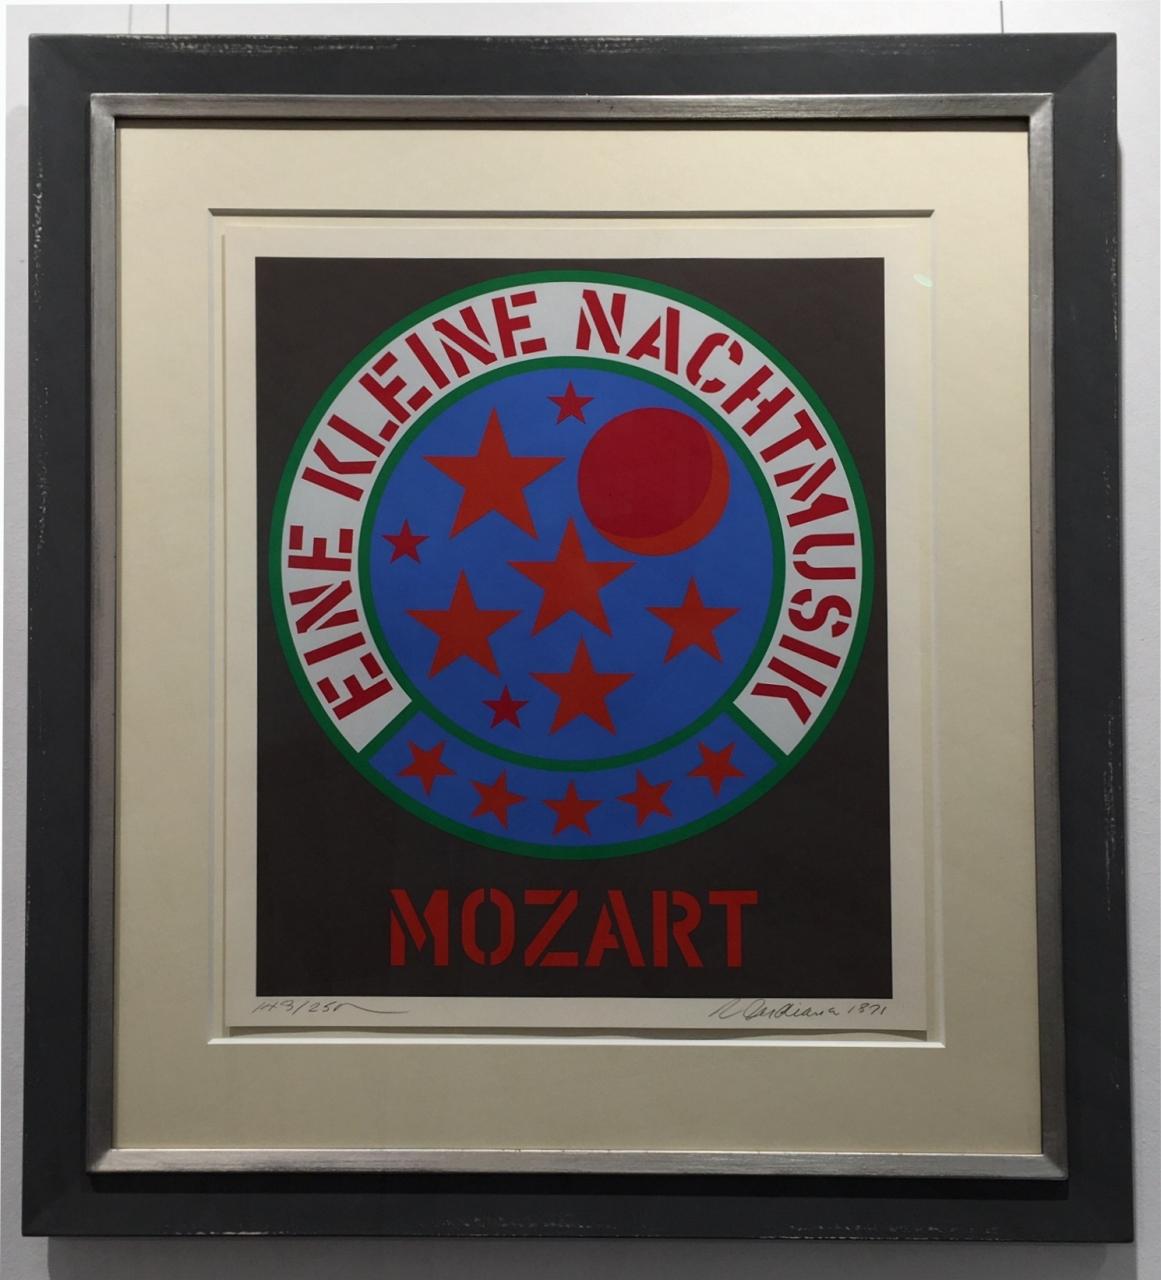 Mozart - Eine kleine Nachtmusik, gerahmt